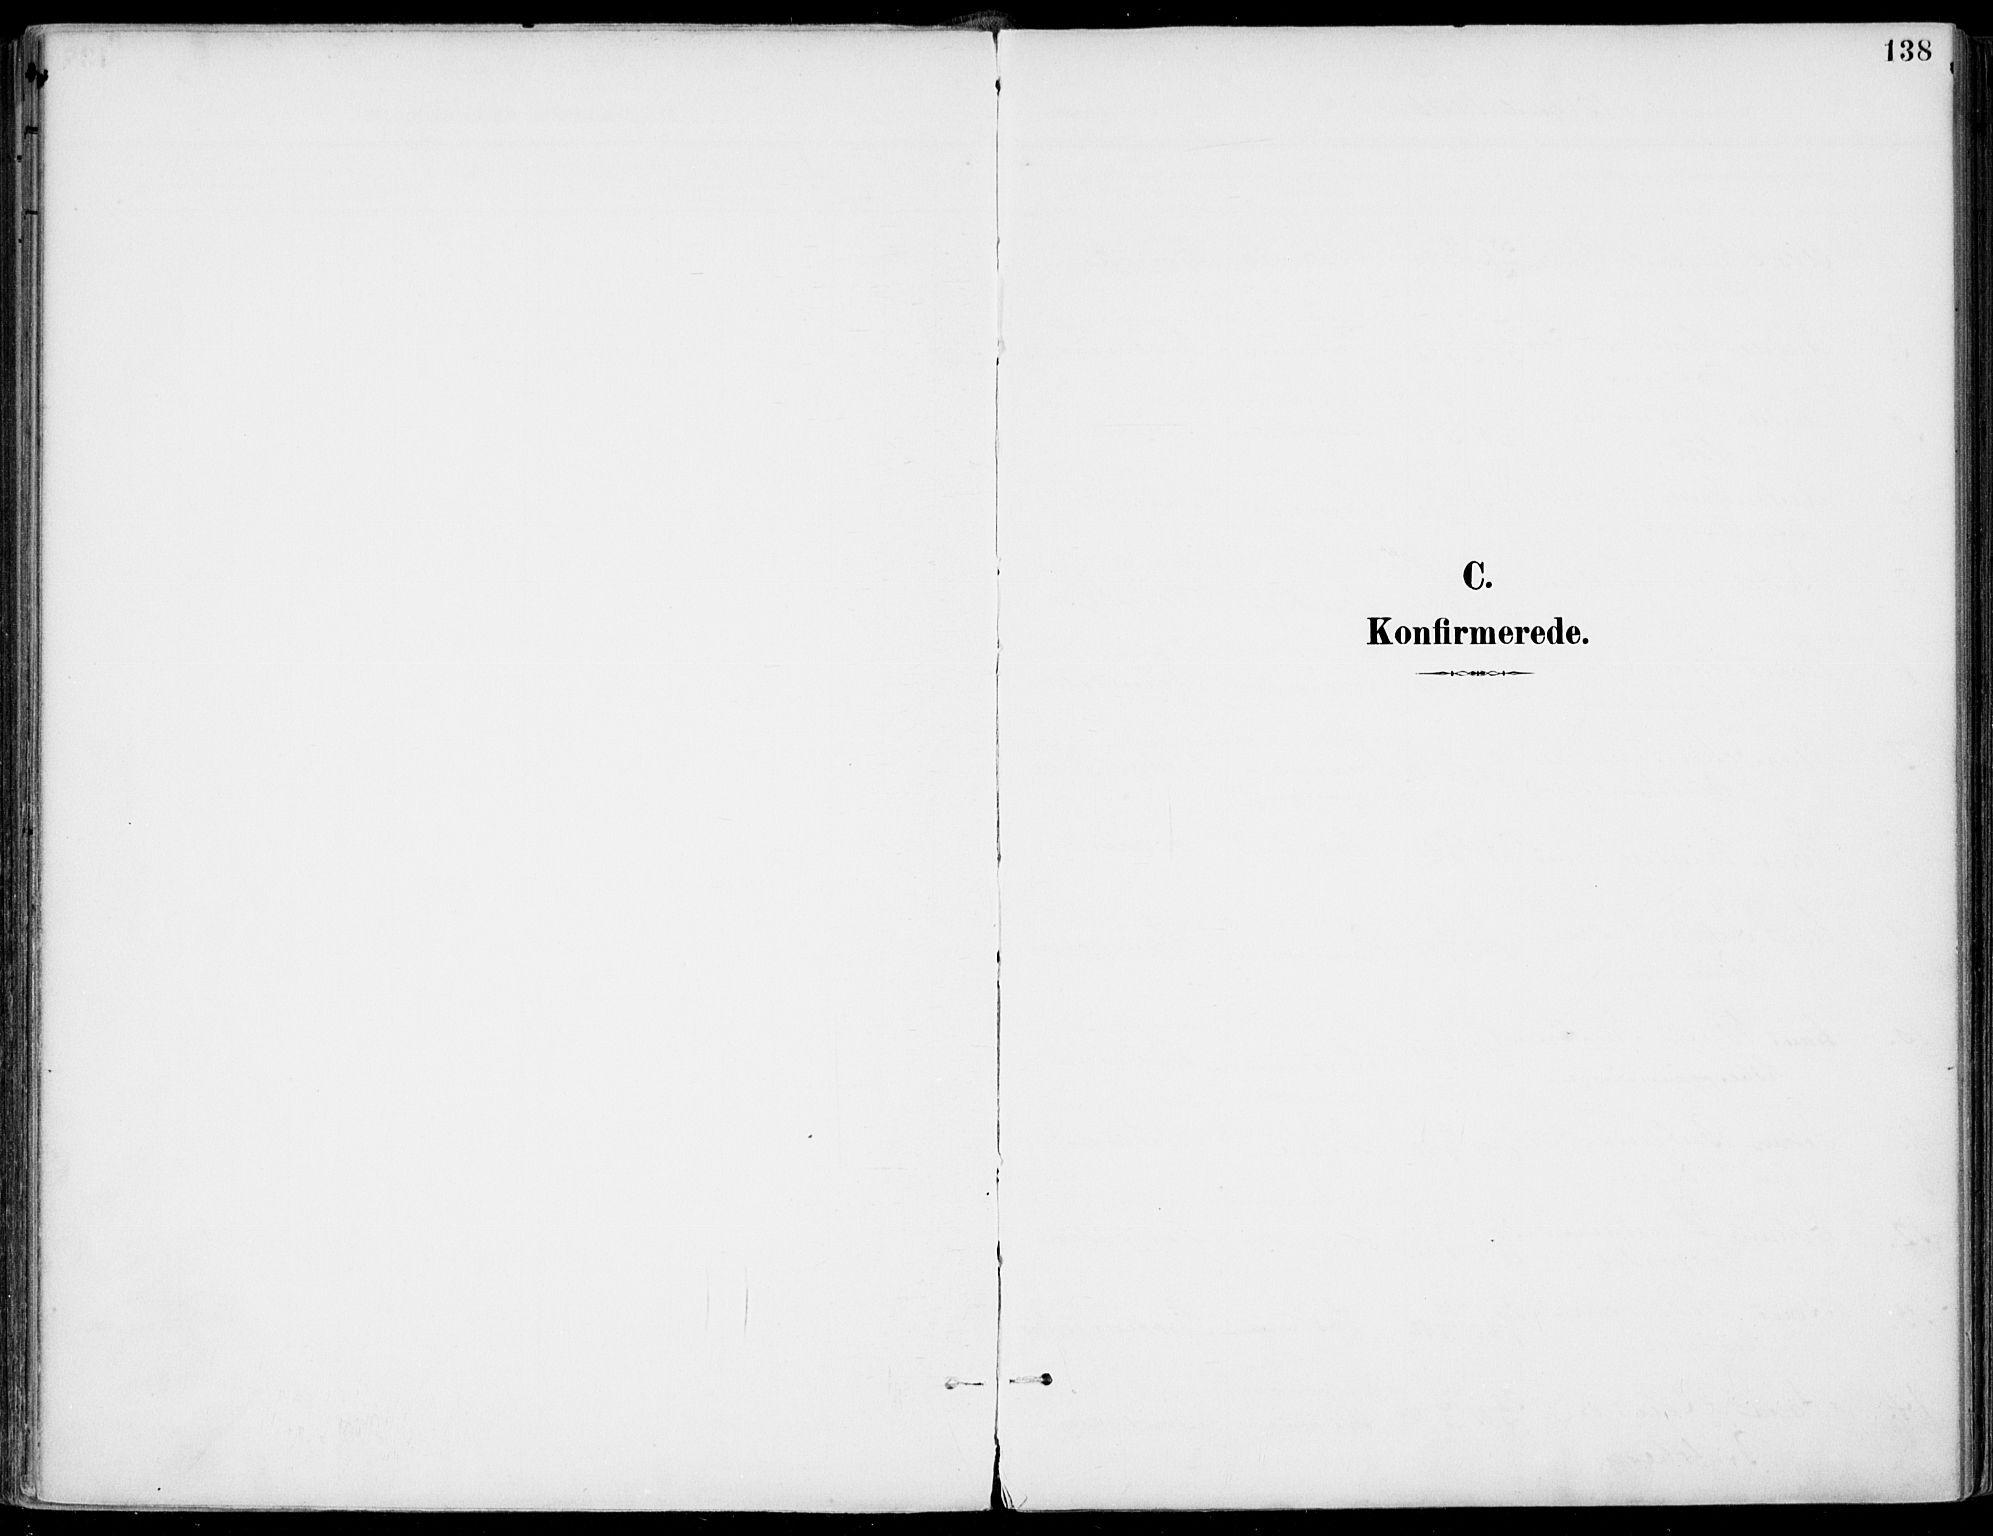 SAKO, Gjerpen kirkebøker, F/Fa/L0011: Ministerialbok nr. 11, 1896-1904, s. 138